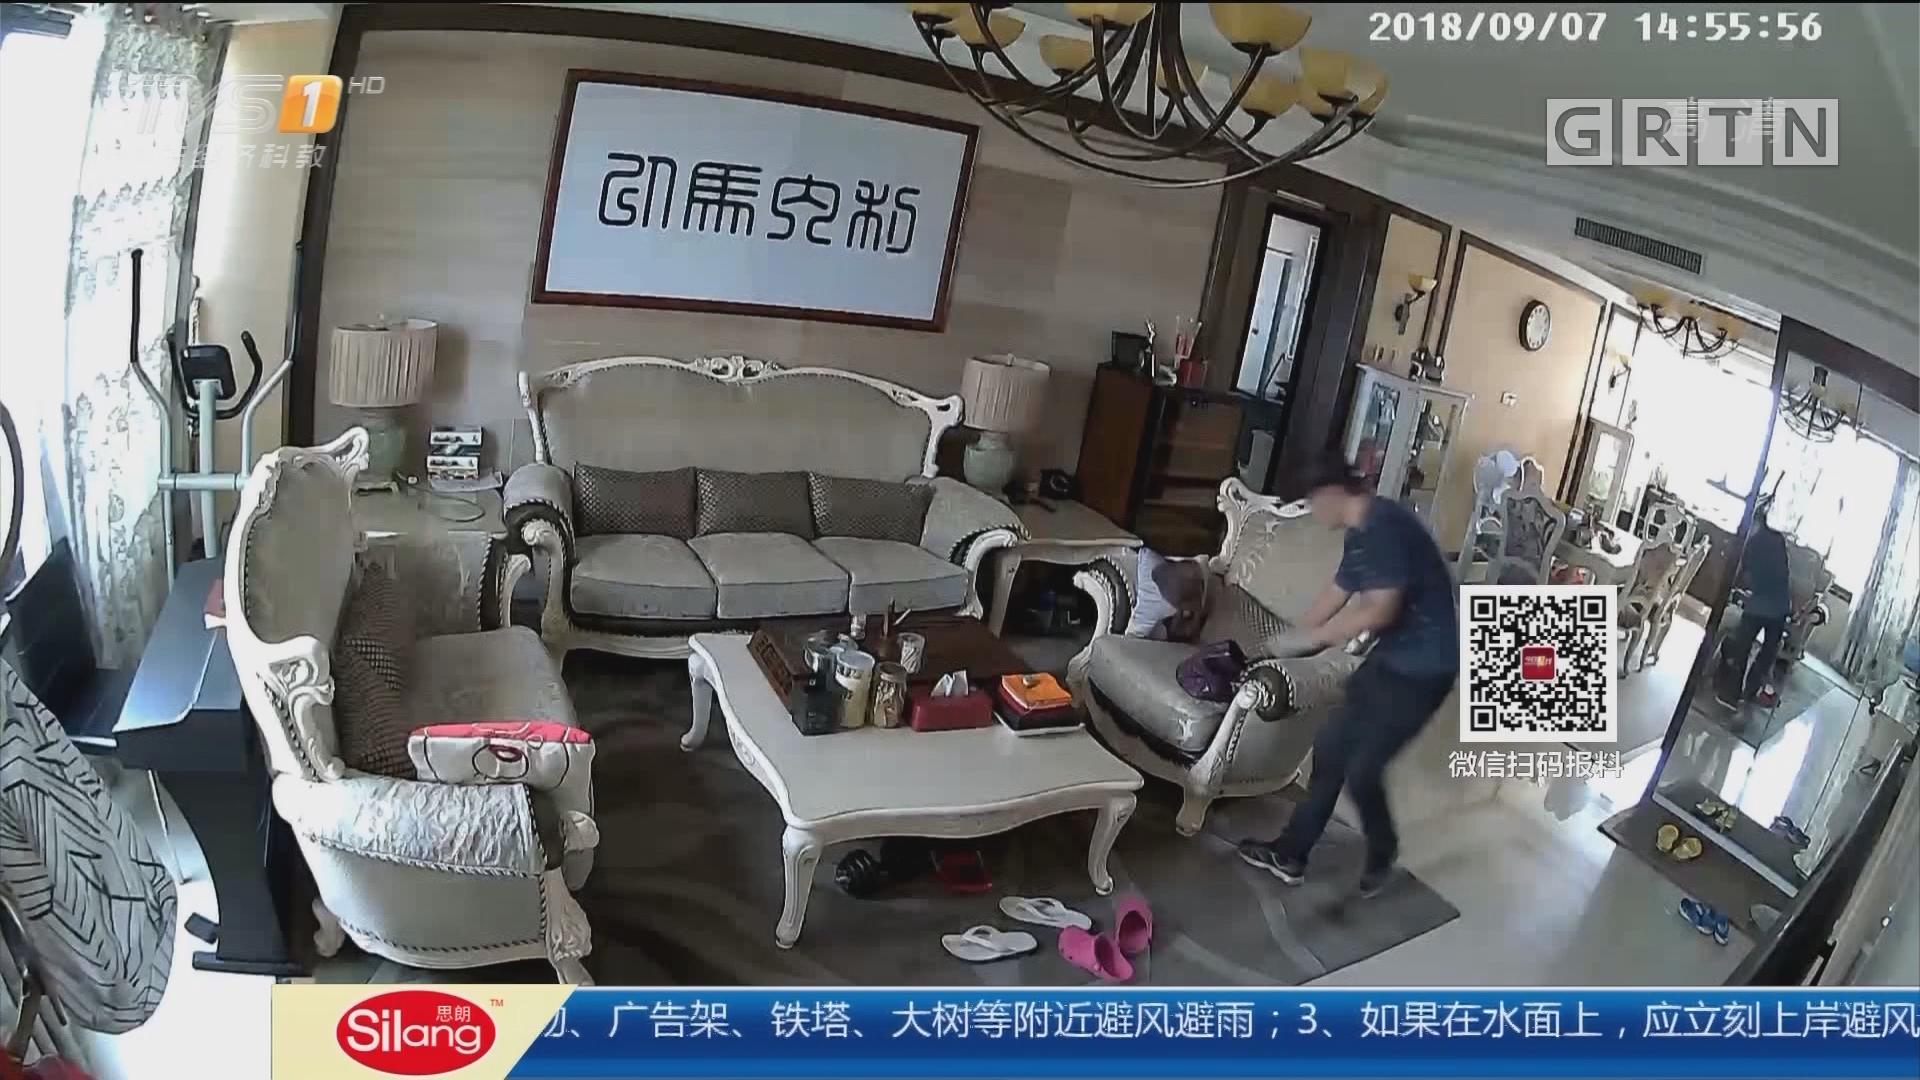 广州番禺区:小区半个月接连失窃 警方调查